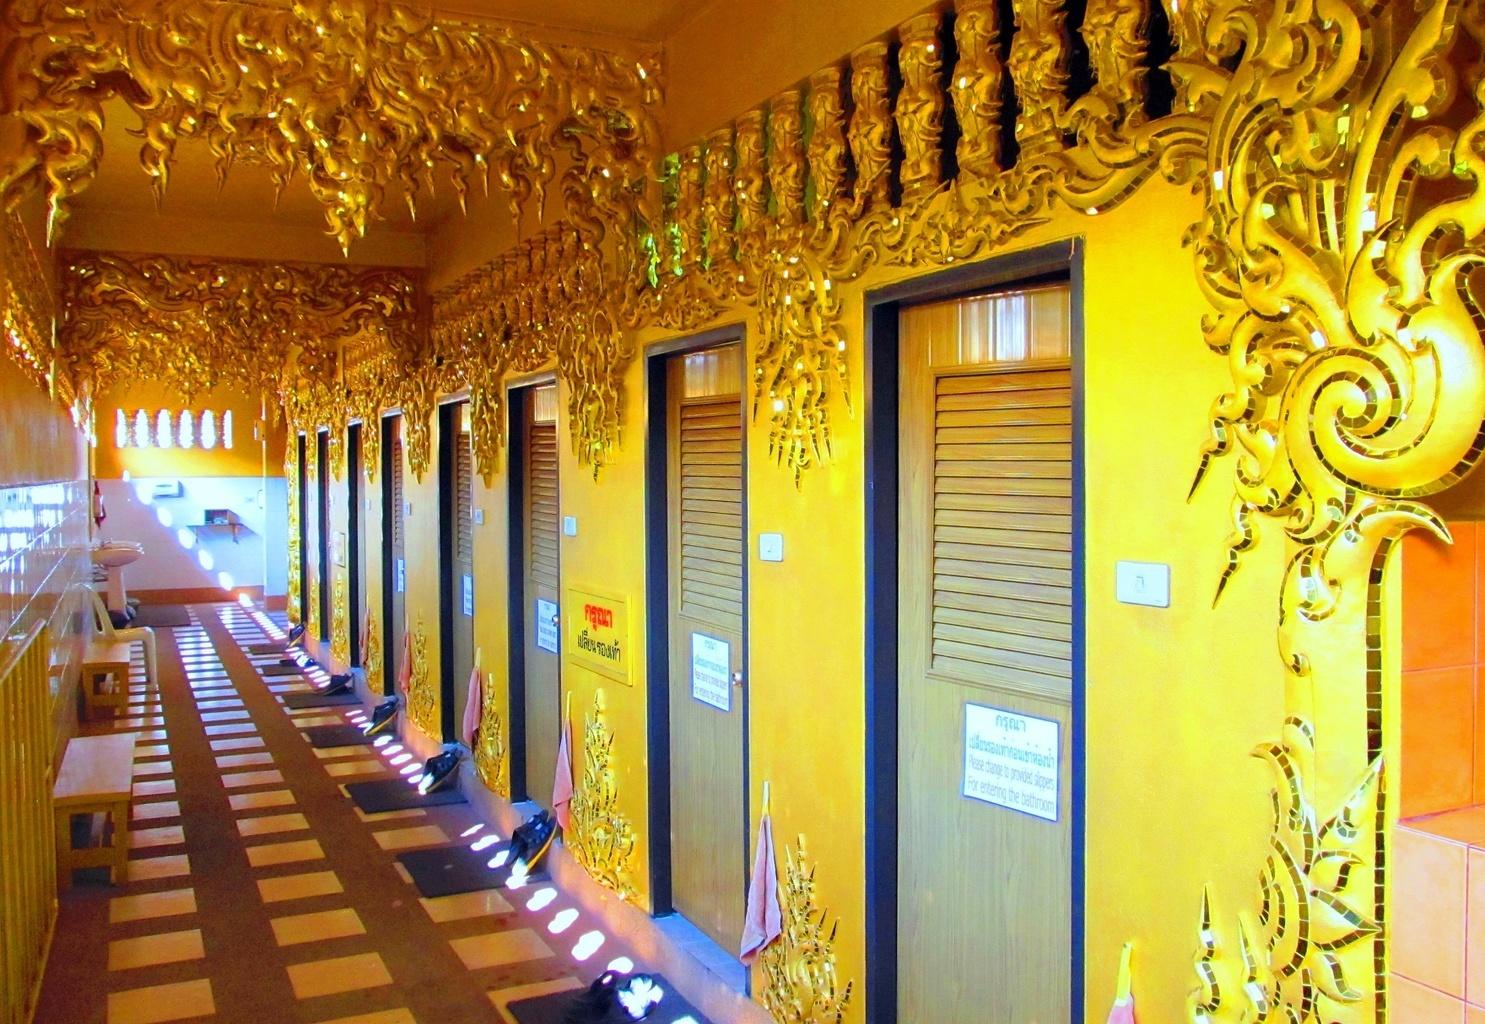 Zlaté toalety uvnitř - Wat Rong Khun - Chiang Rai - Thajsko